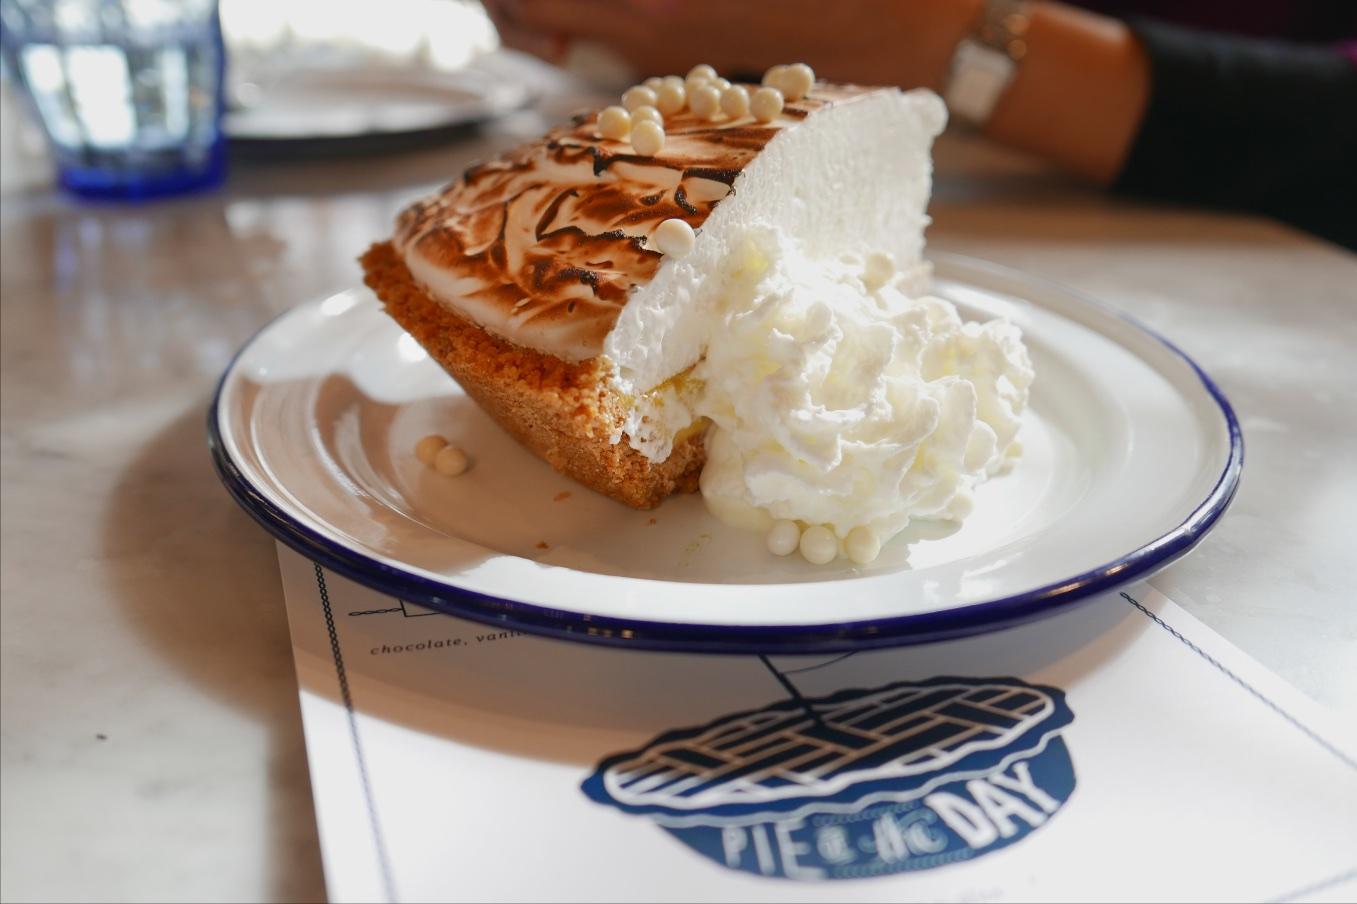 Pie of the Day was Blood Orange Cream PIe